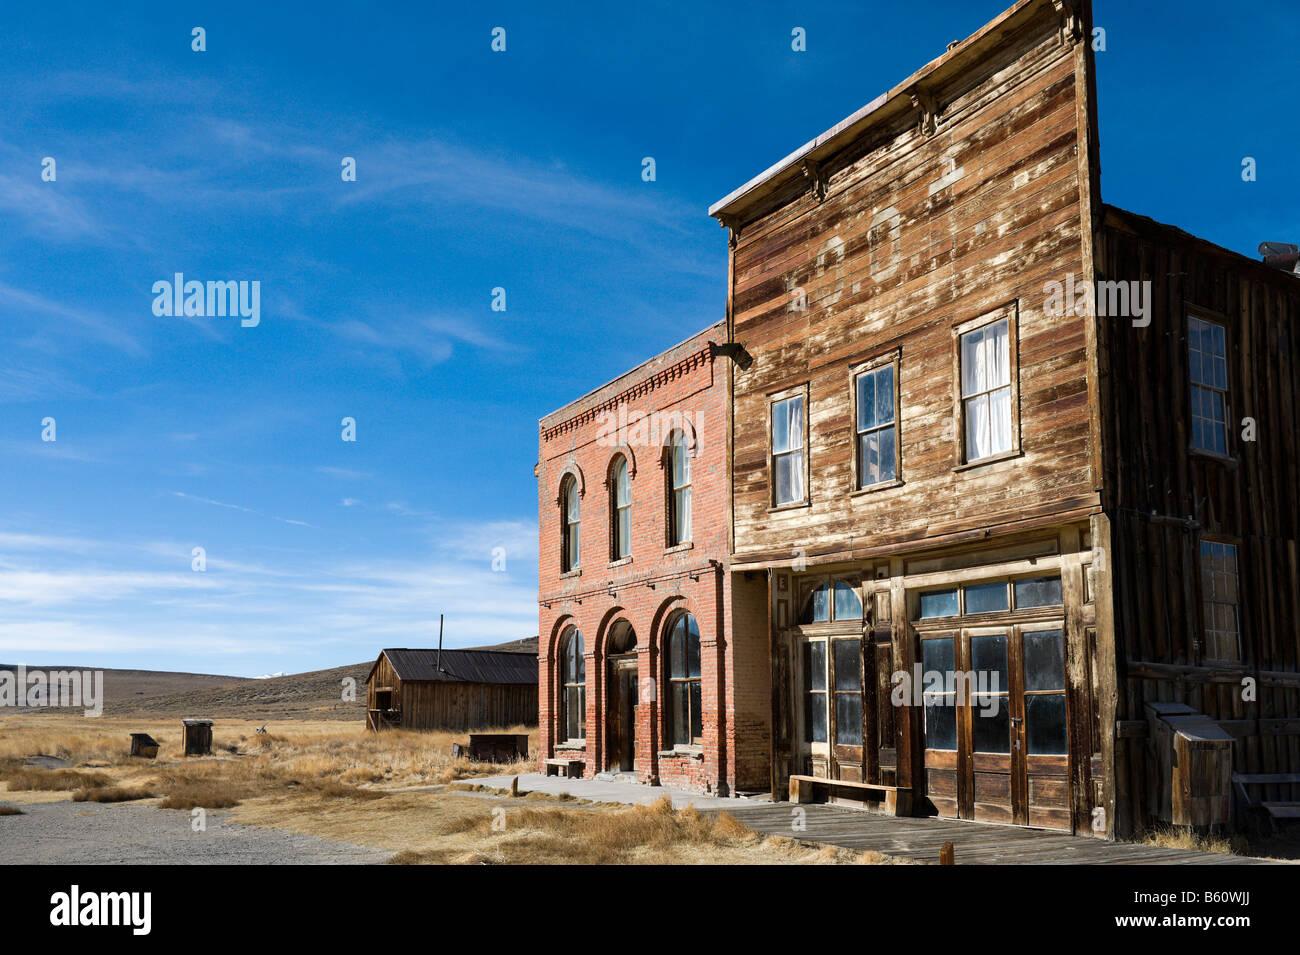 El Hotel Dechambeau & Post Office, Main Street, 19thC ciudad fantasma de Bodie, cerca Bridgepor,t Montañas Imagen De Stock